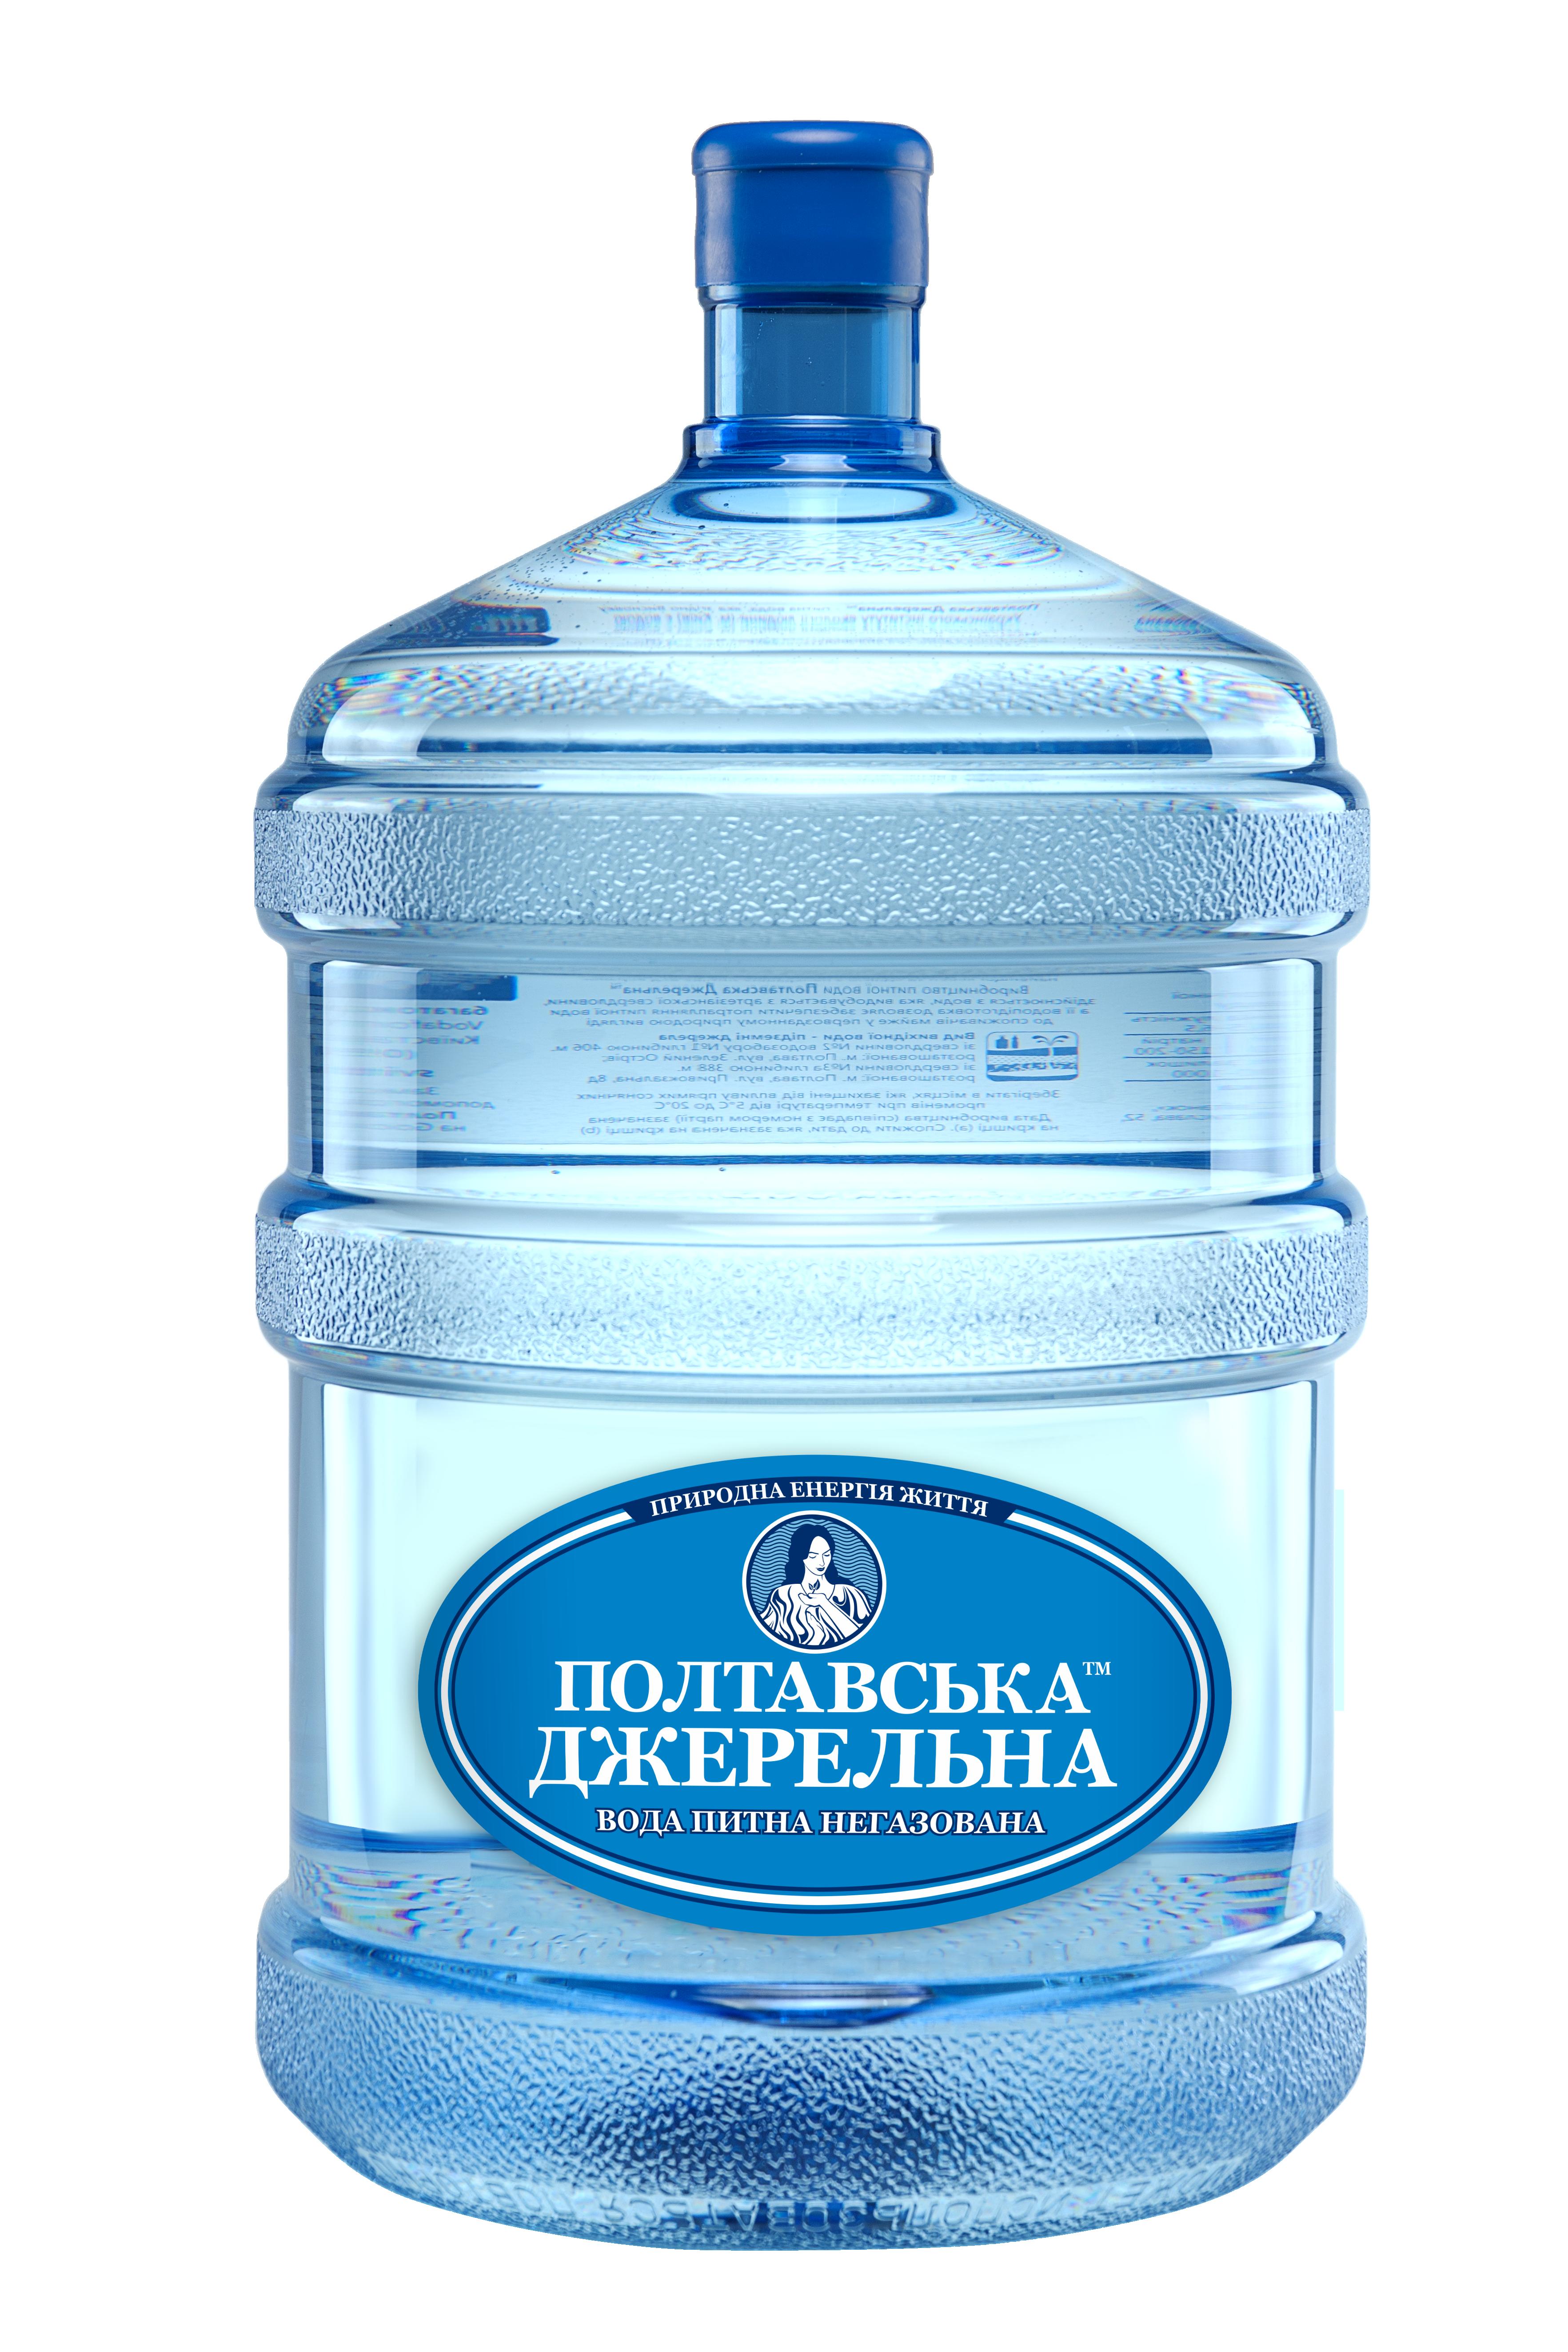 Полтавська Джерельна